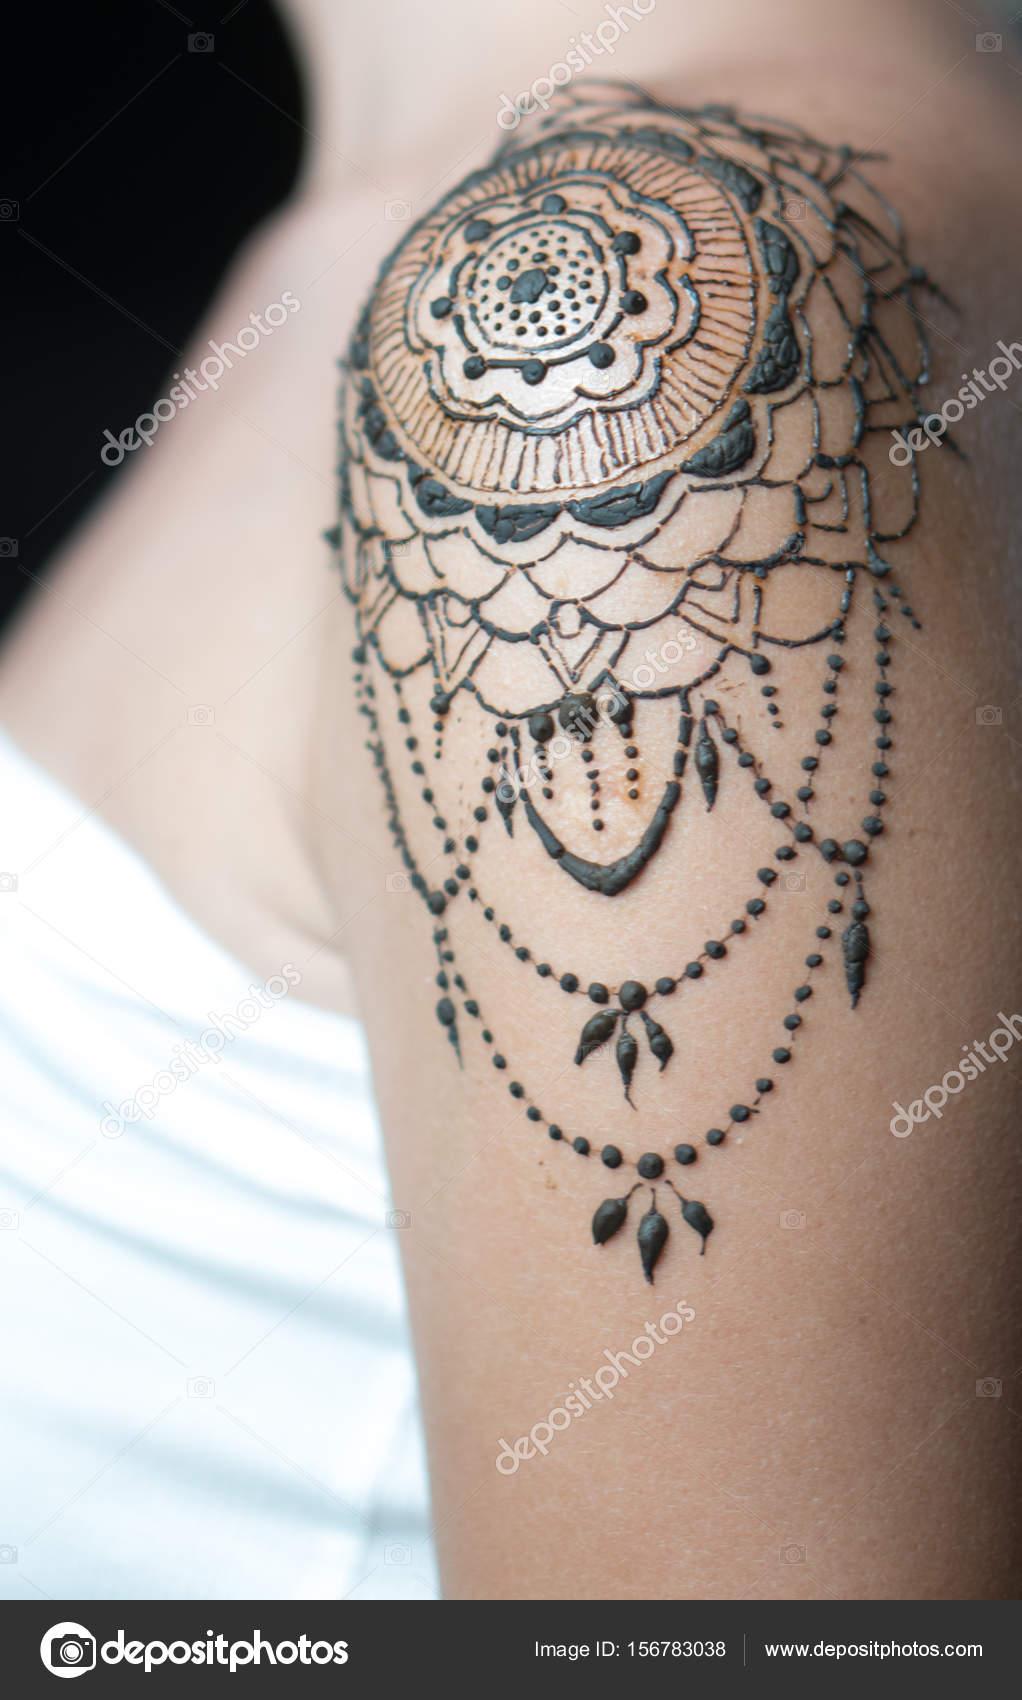 Closeup Henna Tatuaje En El Hombro De La Mujer Fotos De Stock